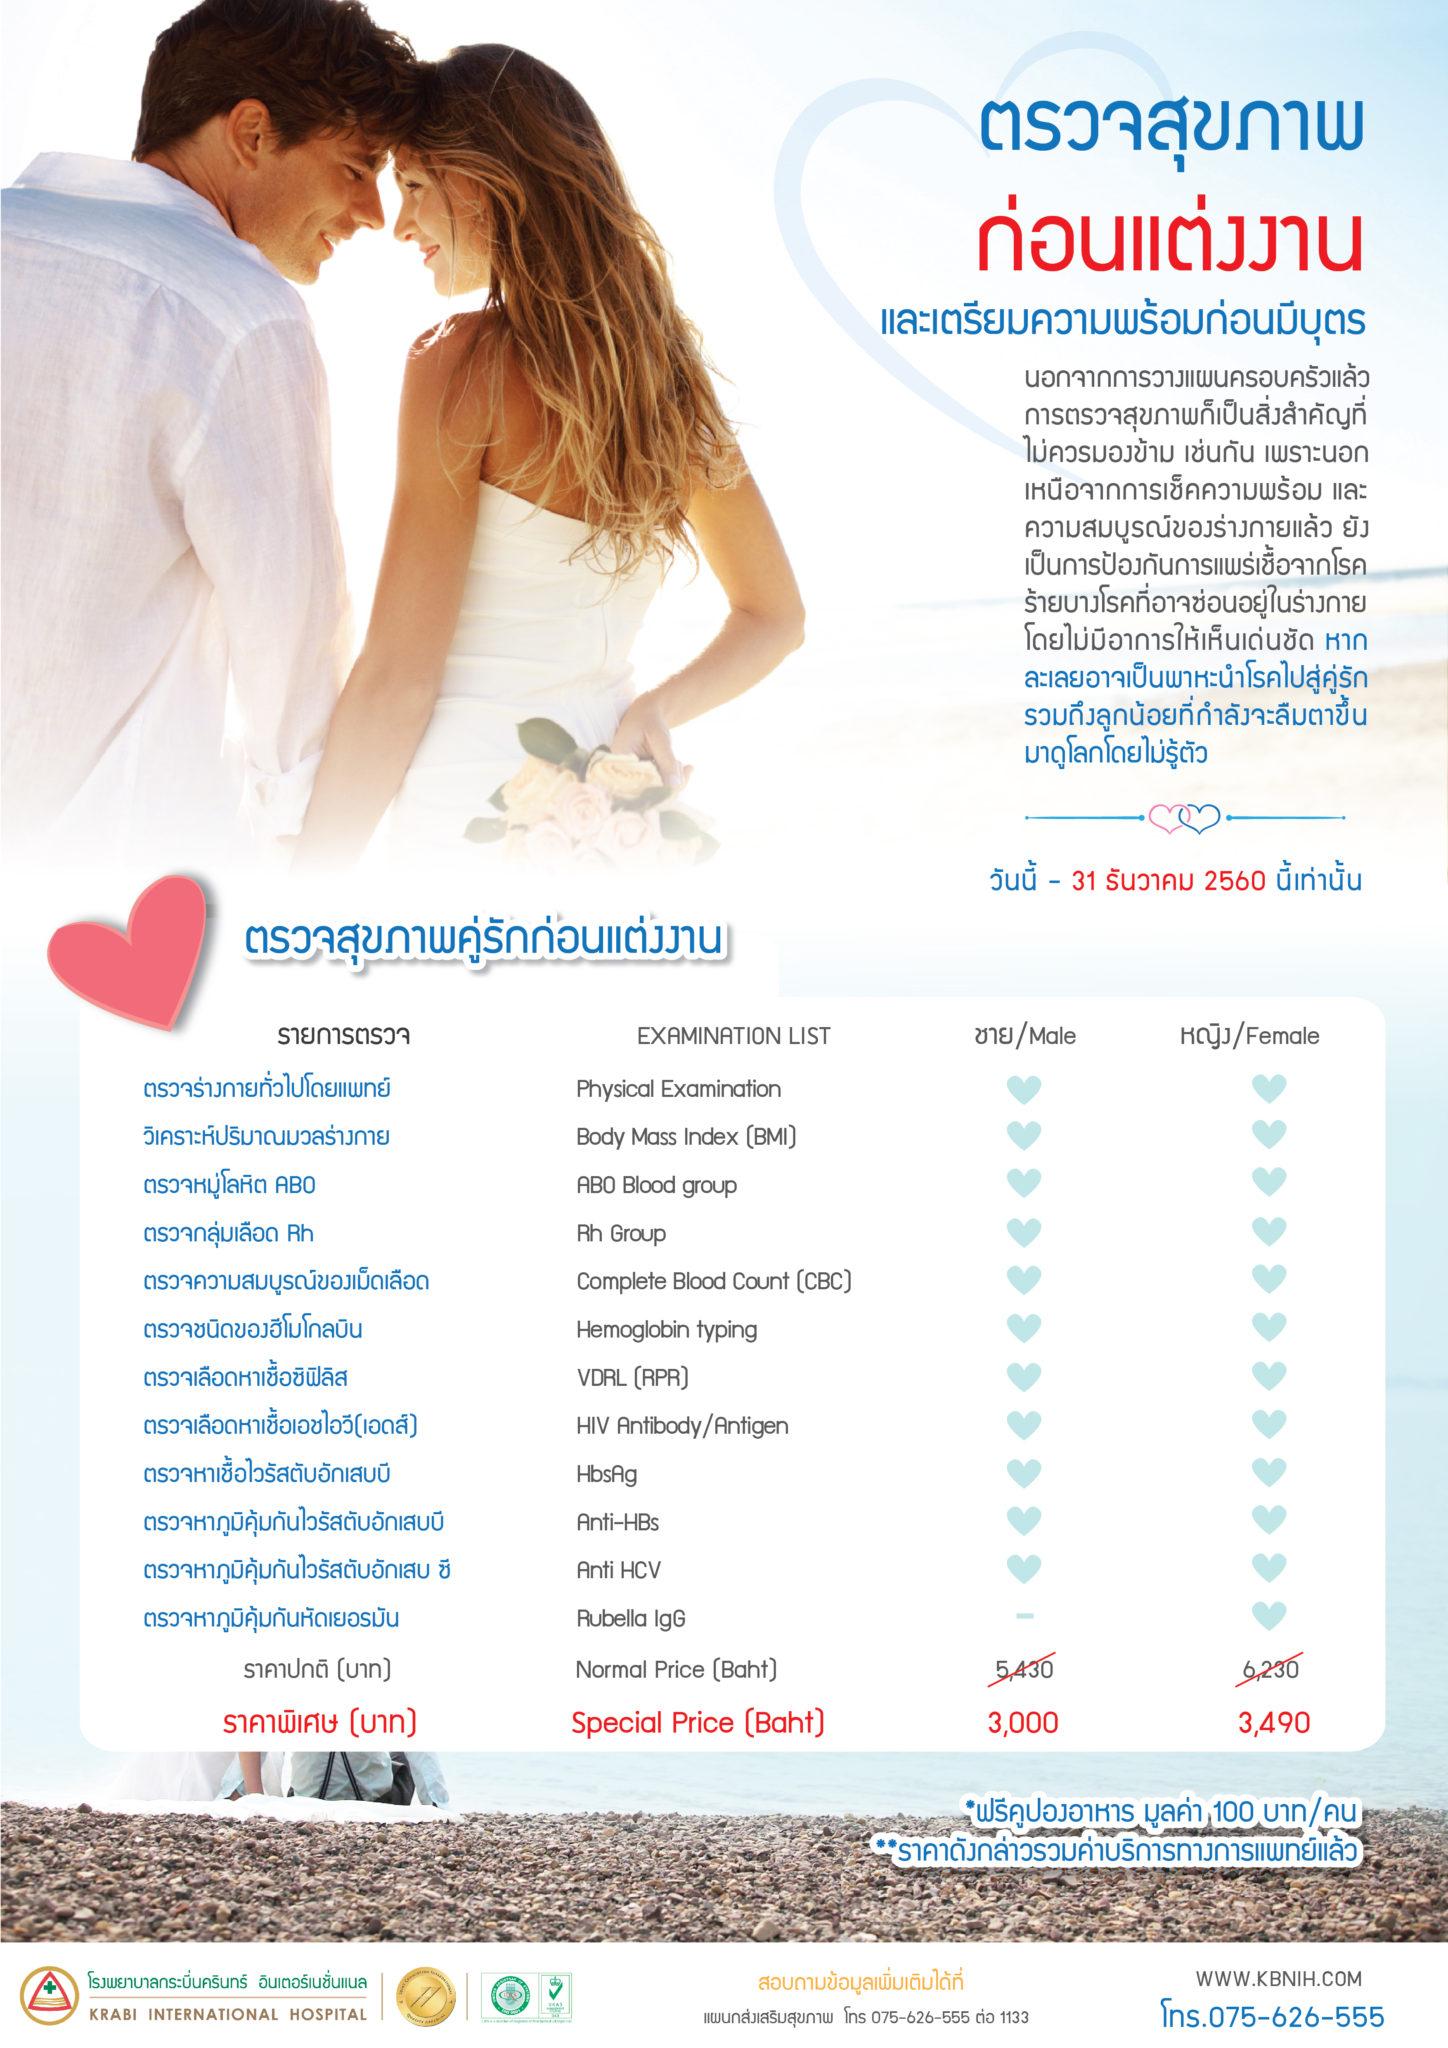 โปรแกรมตรวจสุขภาพคู่รักก่อนแต่งงาน